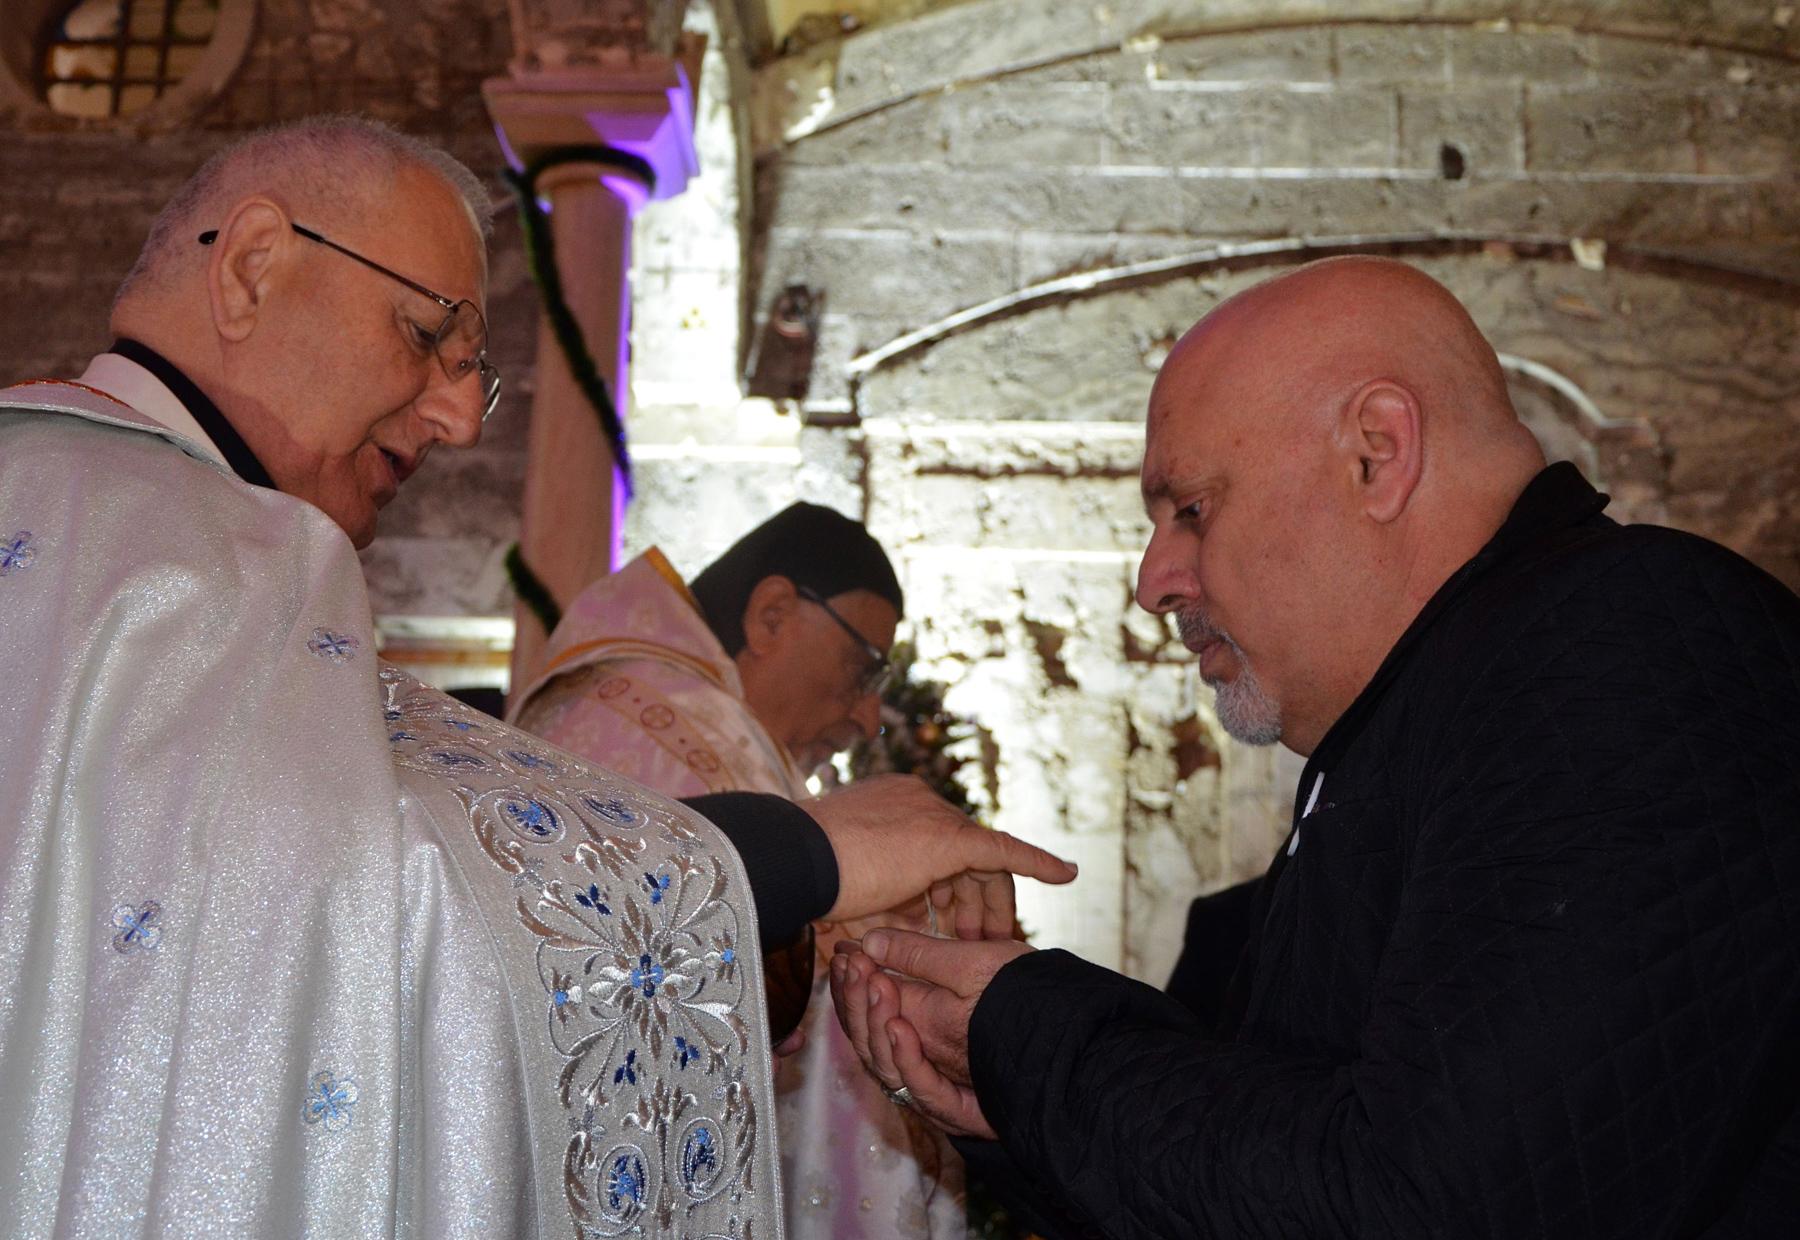 Un prêtre donne la communion à un fidèle (© Ahmad Muwafaq/AFP/Getty Images)